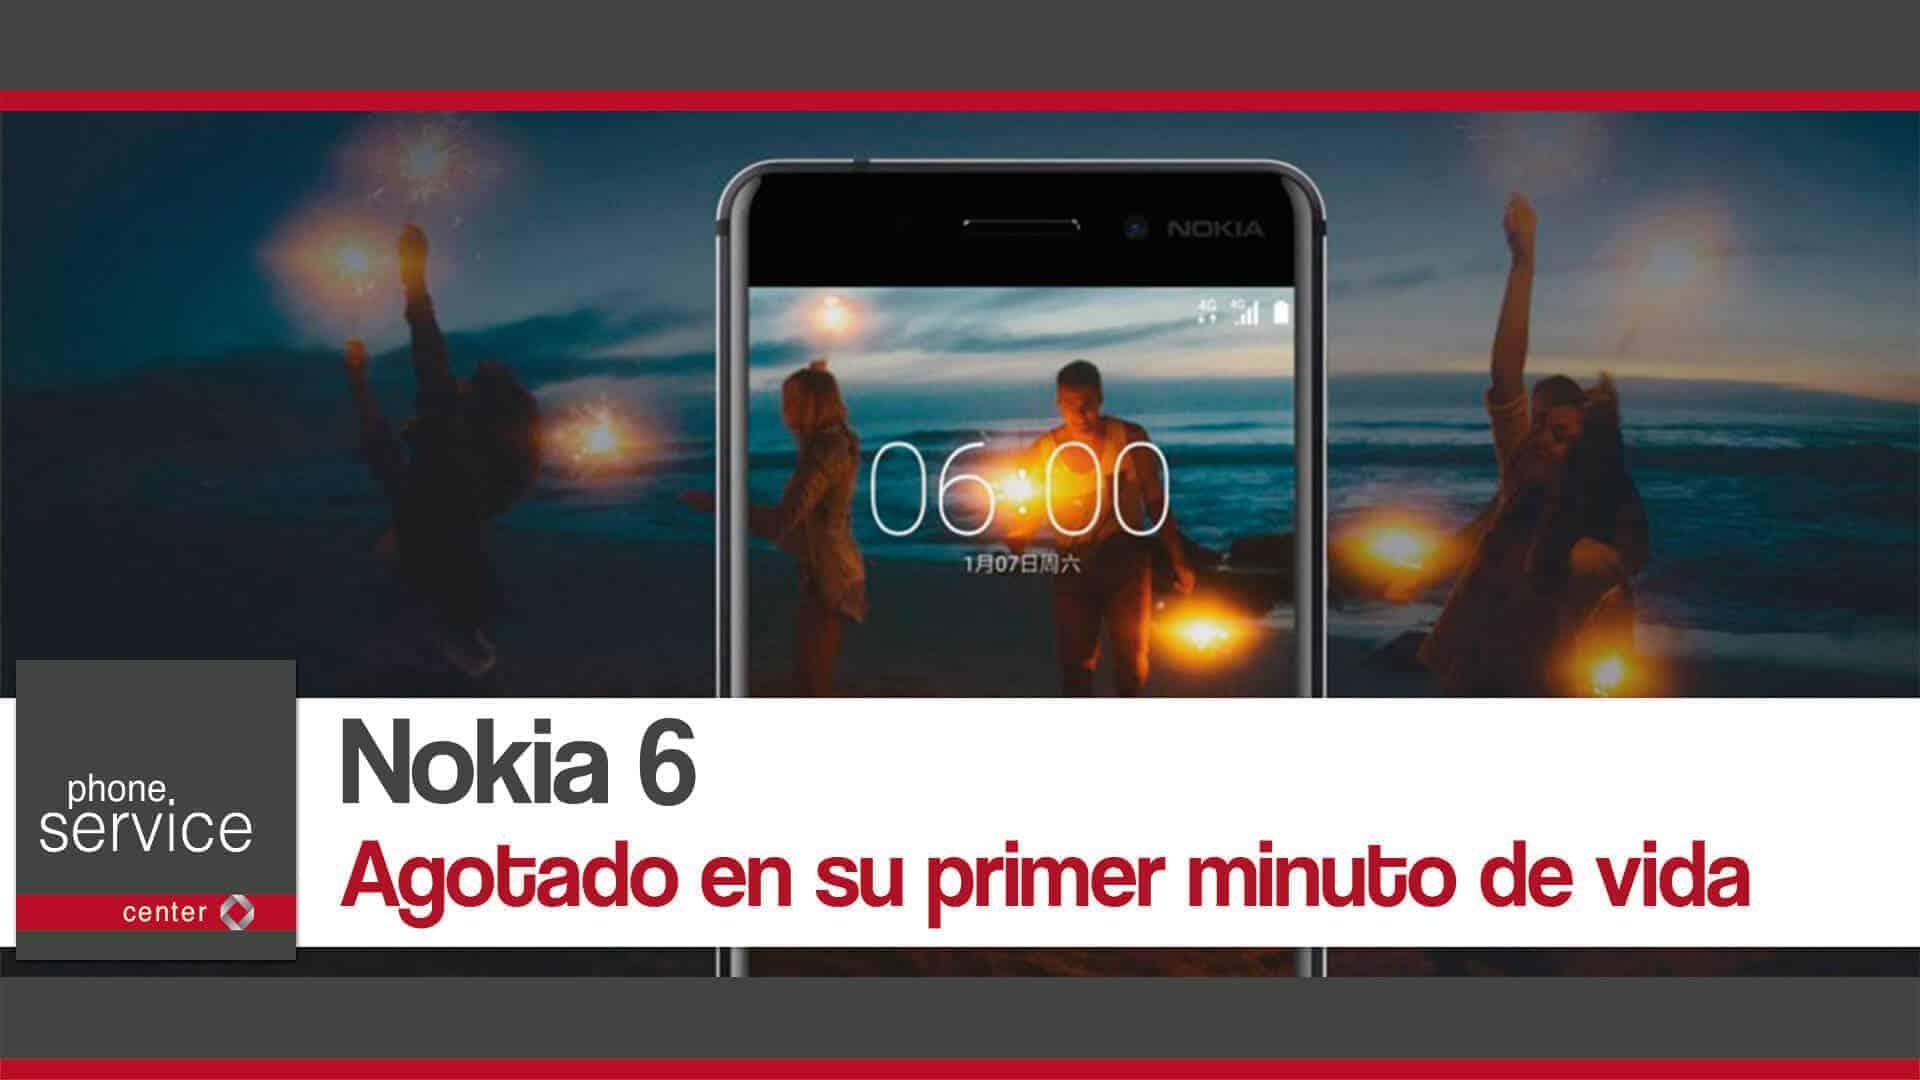 Nokia 6 agotado en su primer minuto de vida